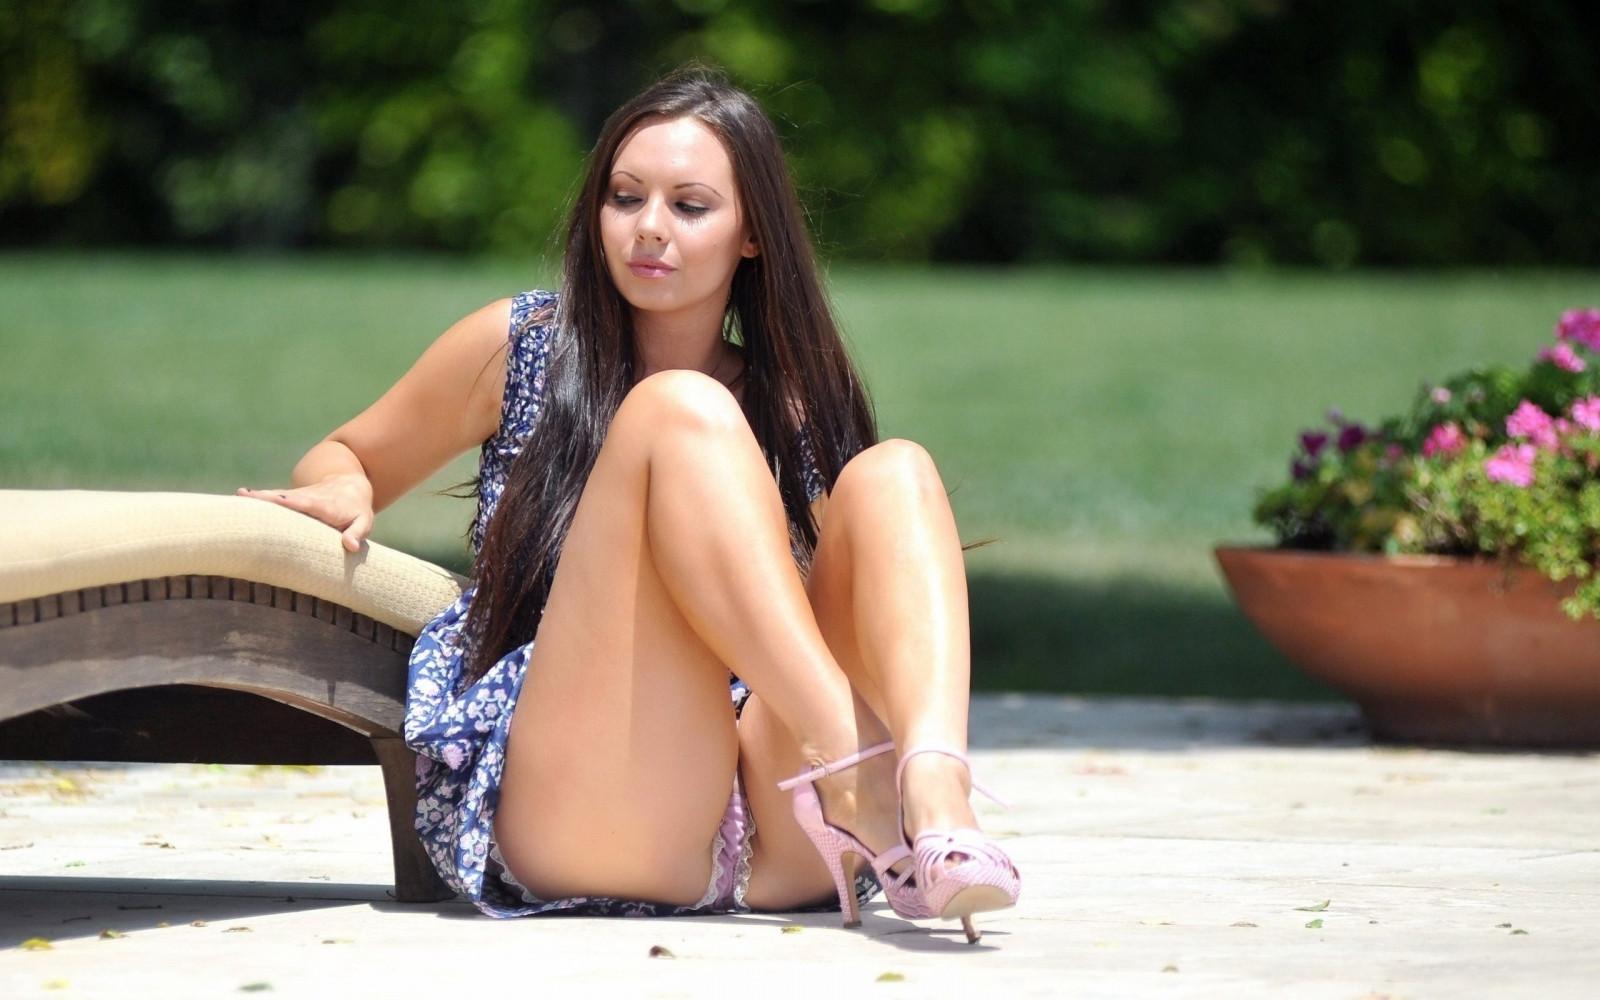 лигавих, женщины сидящие на корточках в нижнем белье клипе появляется